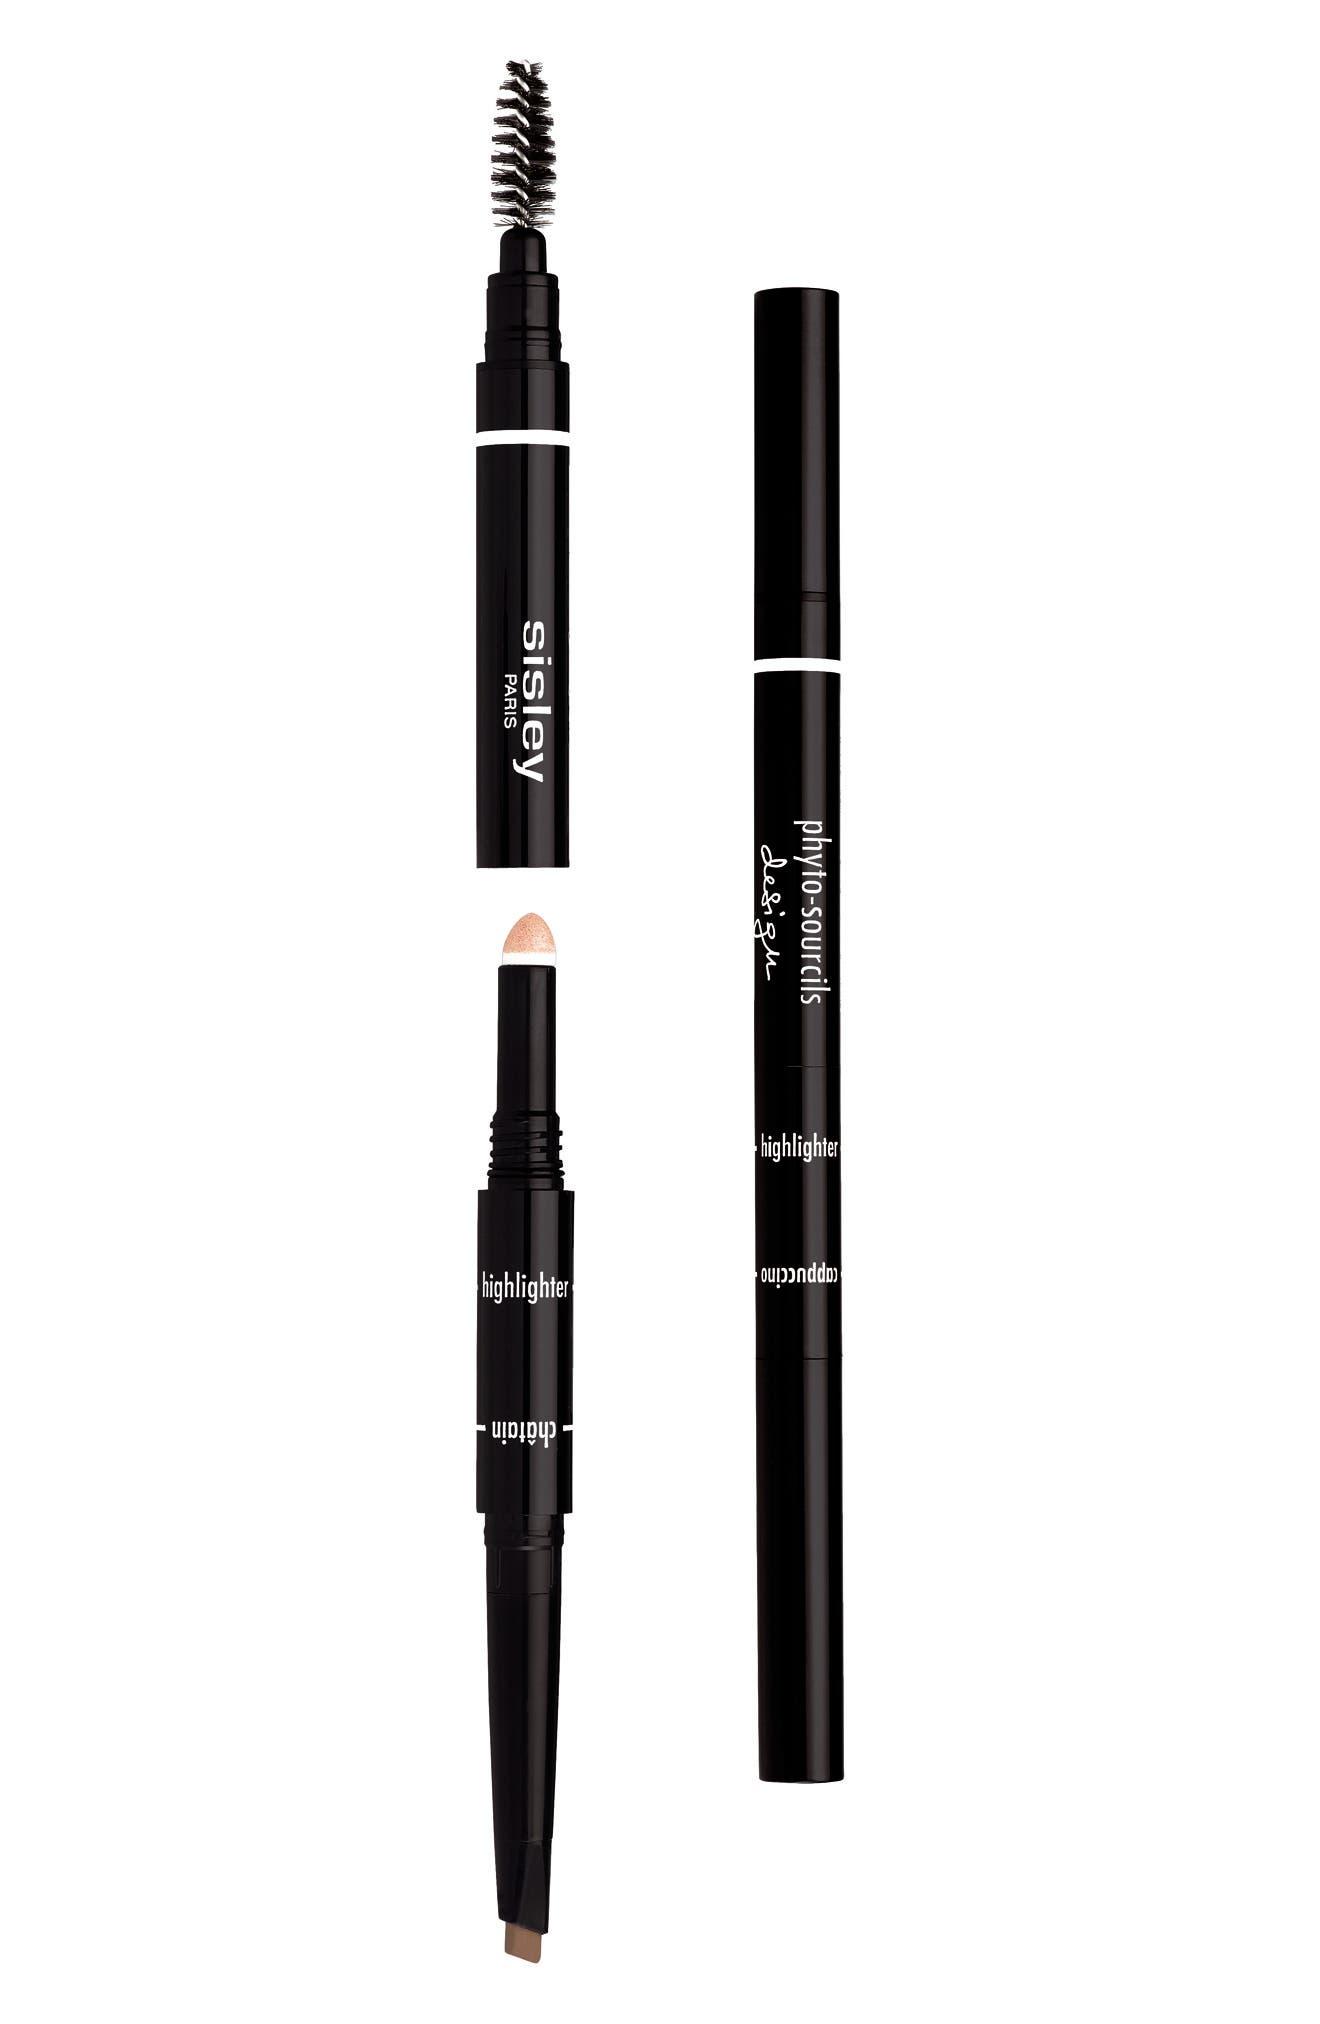 Sisley Paris Phyto-Sourcils Design 3-in-1 Eyebrow Pencil